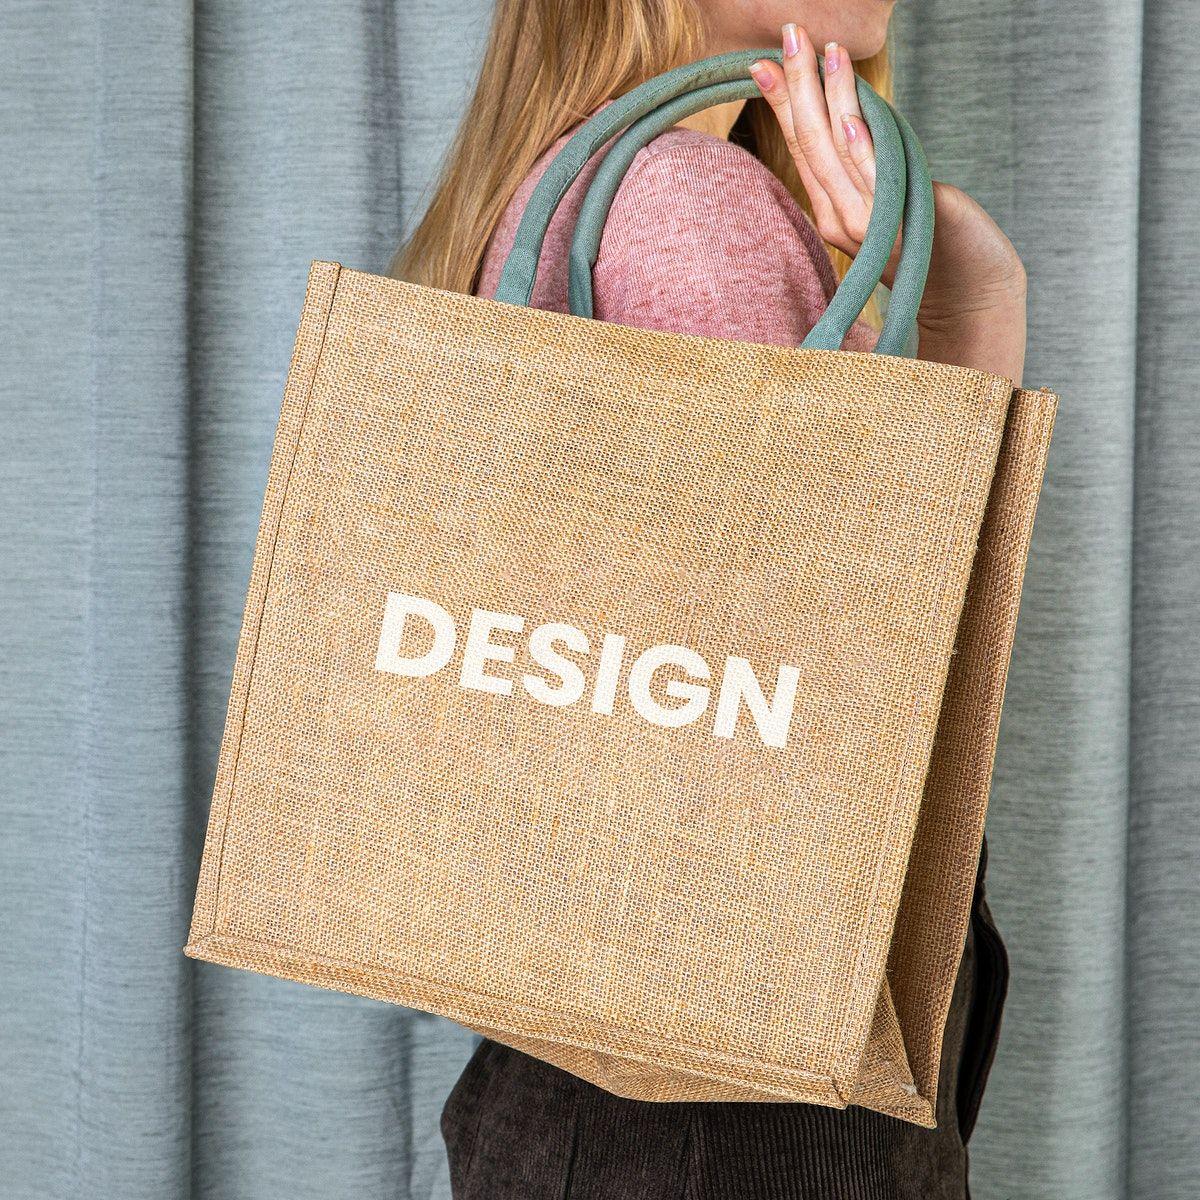 Download Download Premium Psd Of Woman With Tote Bag Mockup 2288270 Bag Mockup Tote Bag Bags